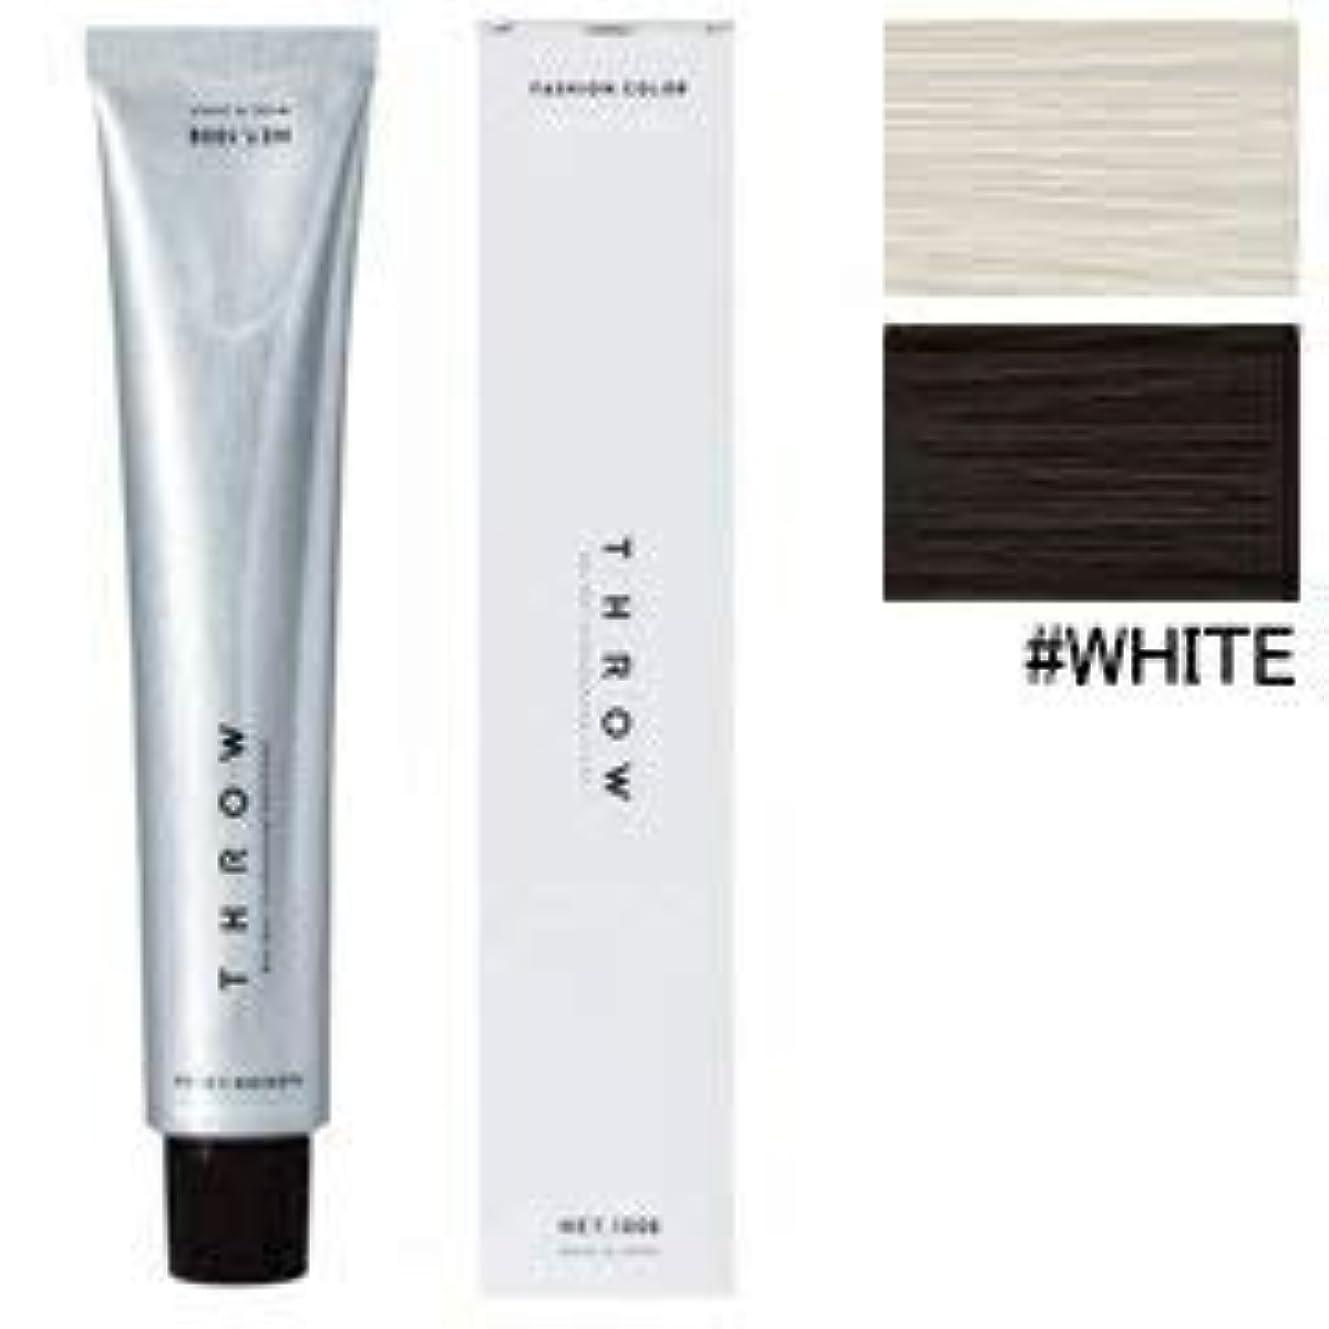 意識パターントランスペアレント【モルトベーネ】スロウ ファッションカラー #WHITE 100g